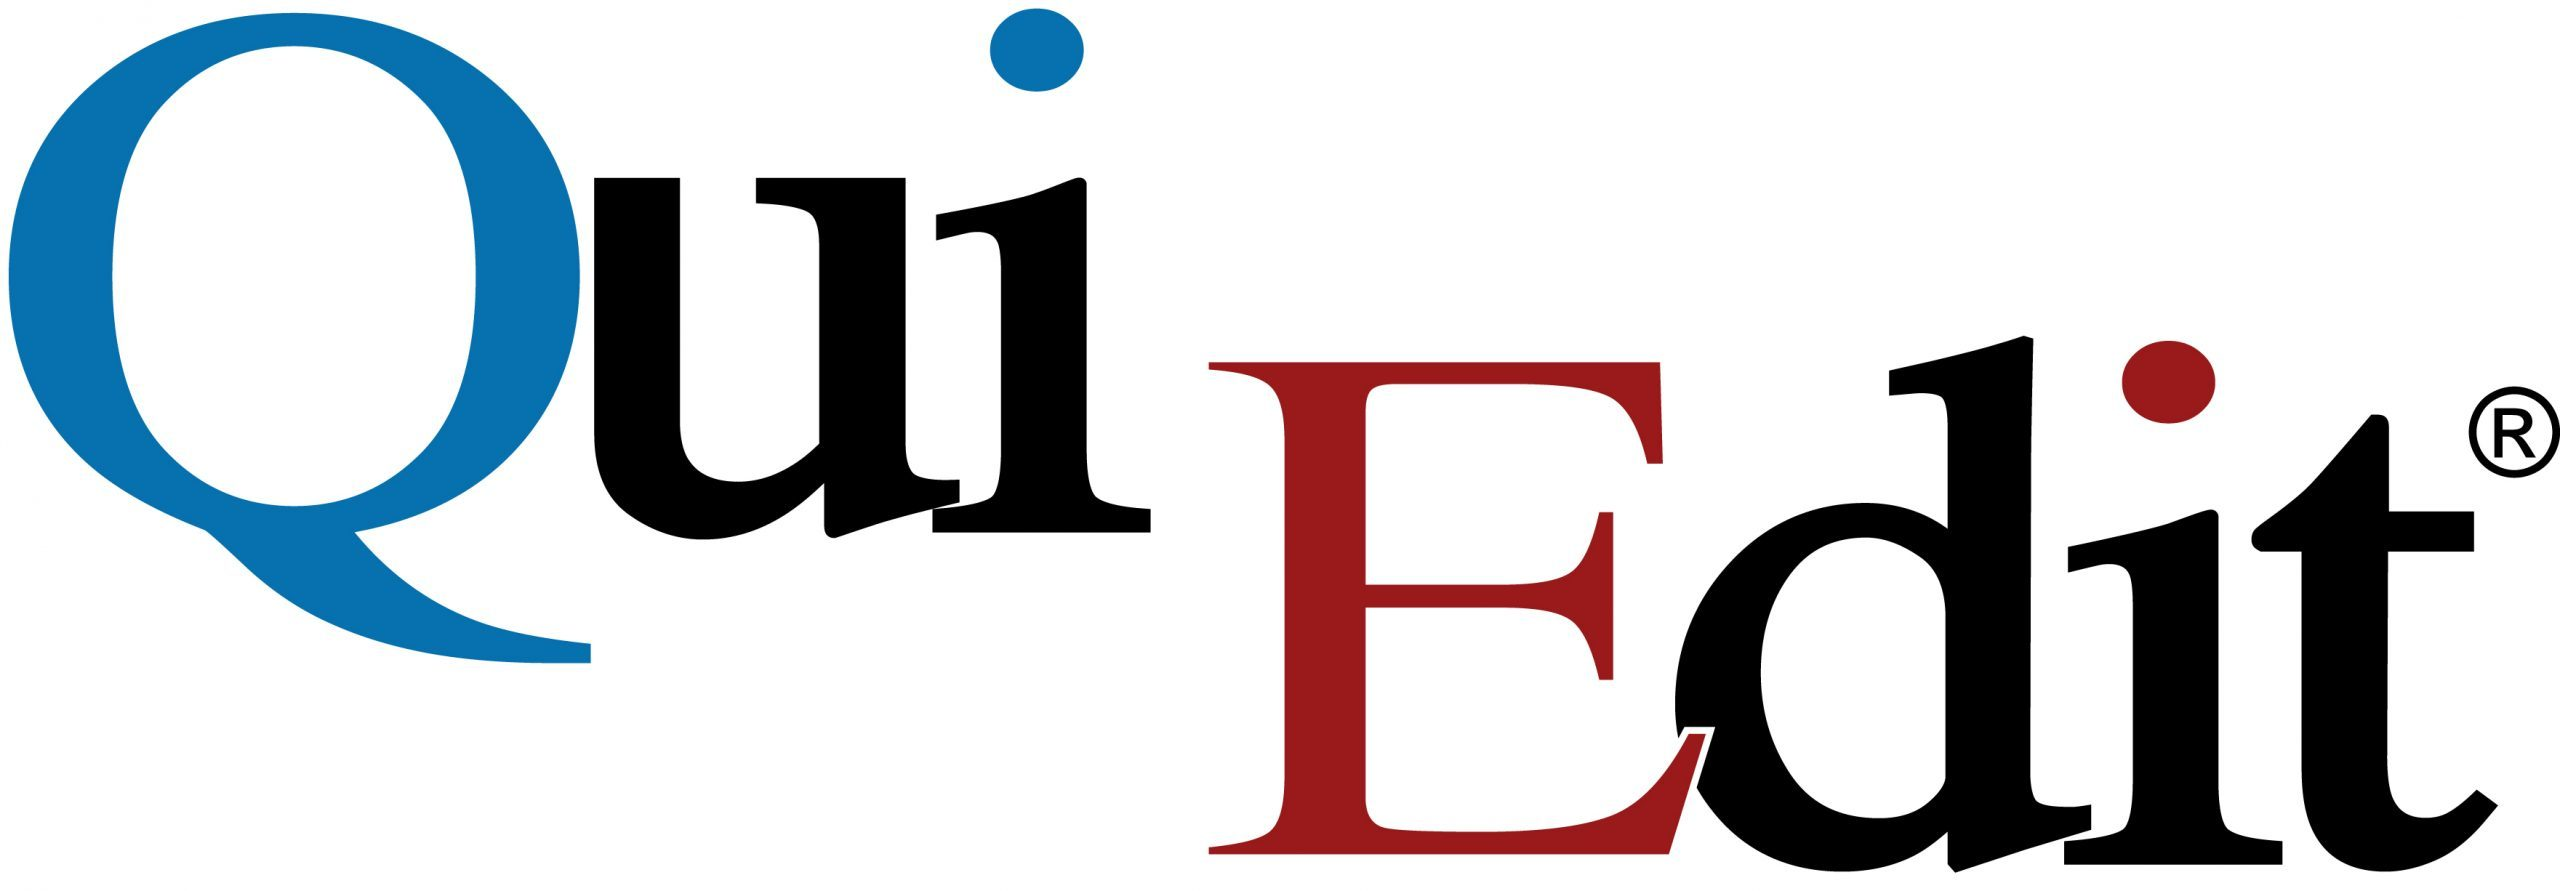 QuiEdit Editoria e Formazione